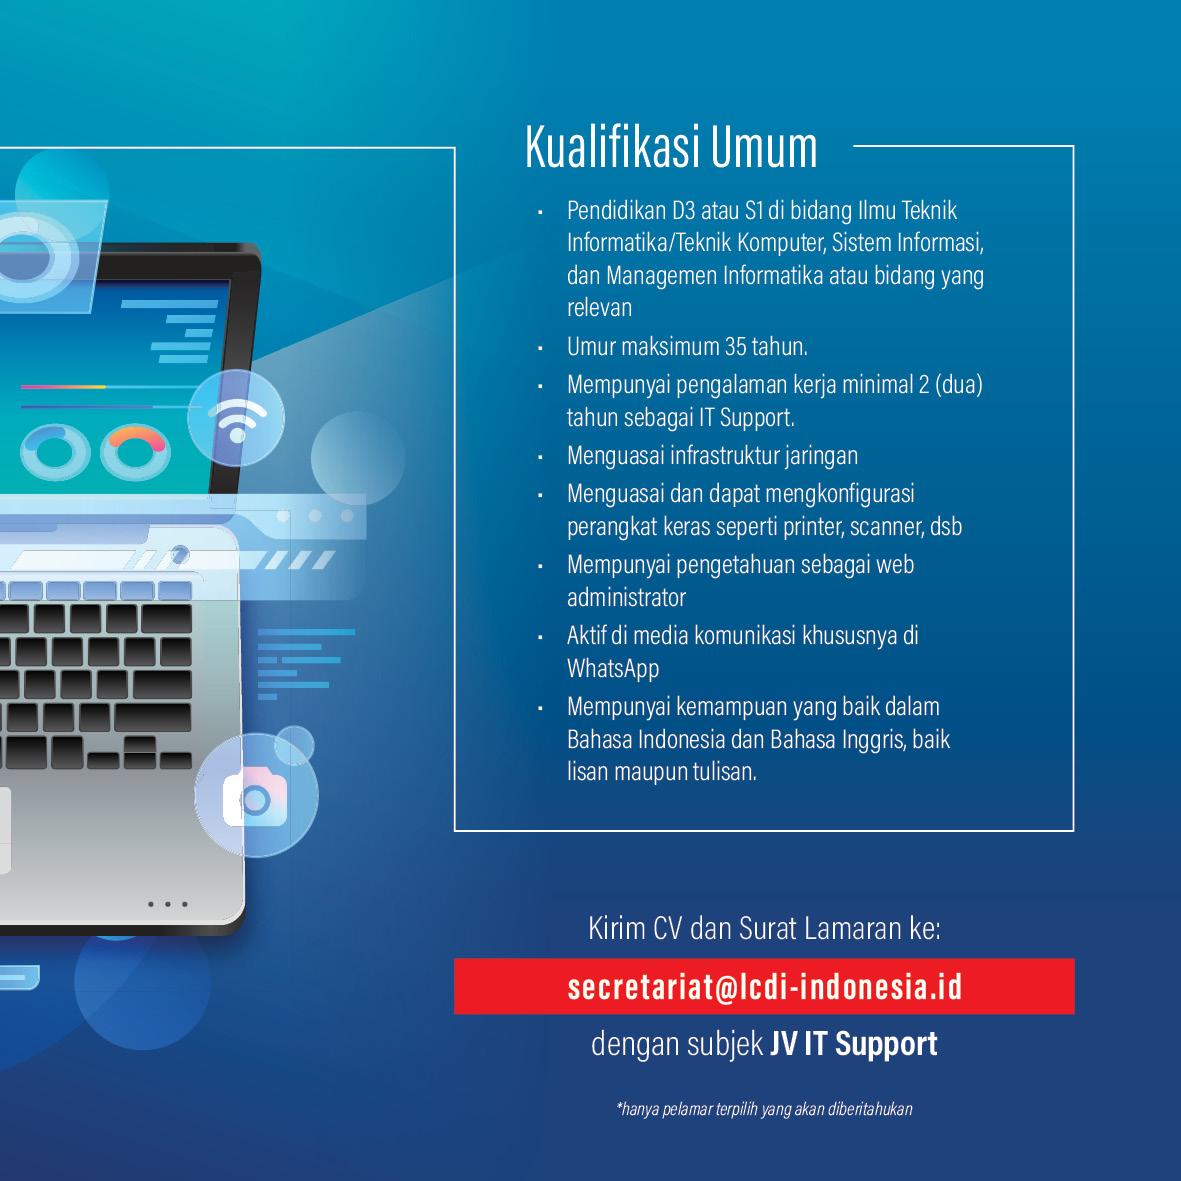 Kualifikasi Umum - IT Support